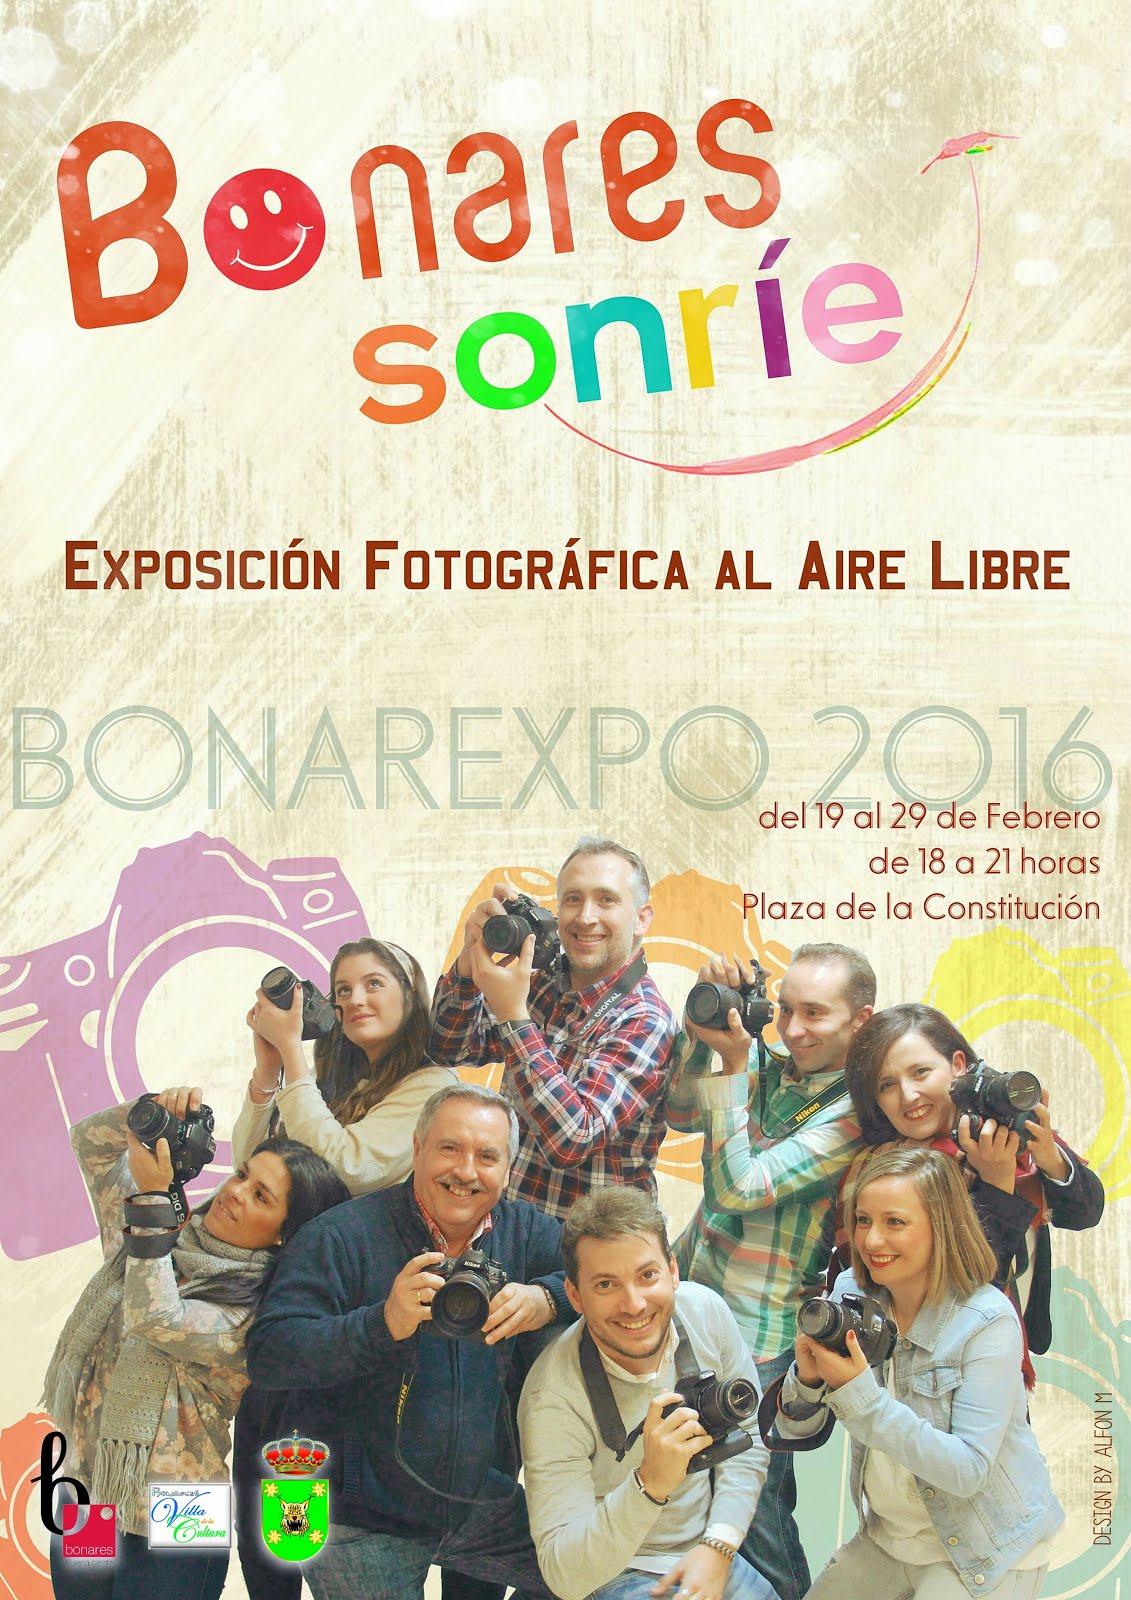 EXPO BONARES SONRÍE